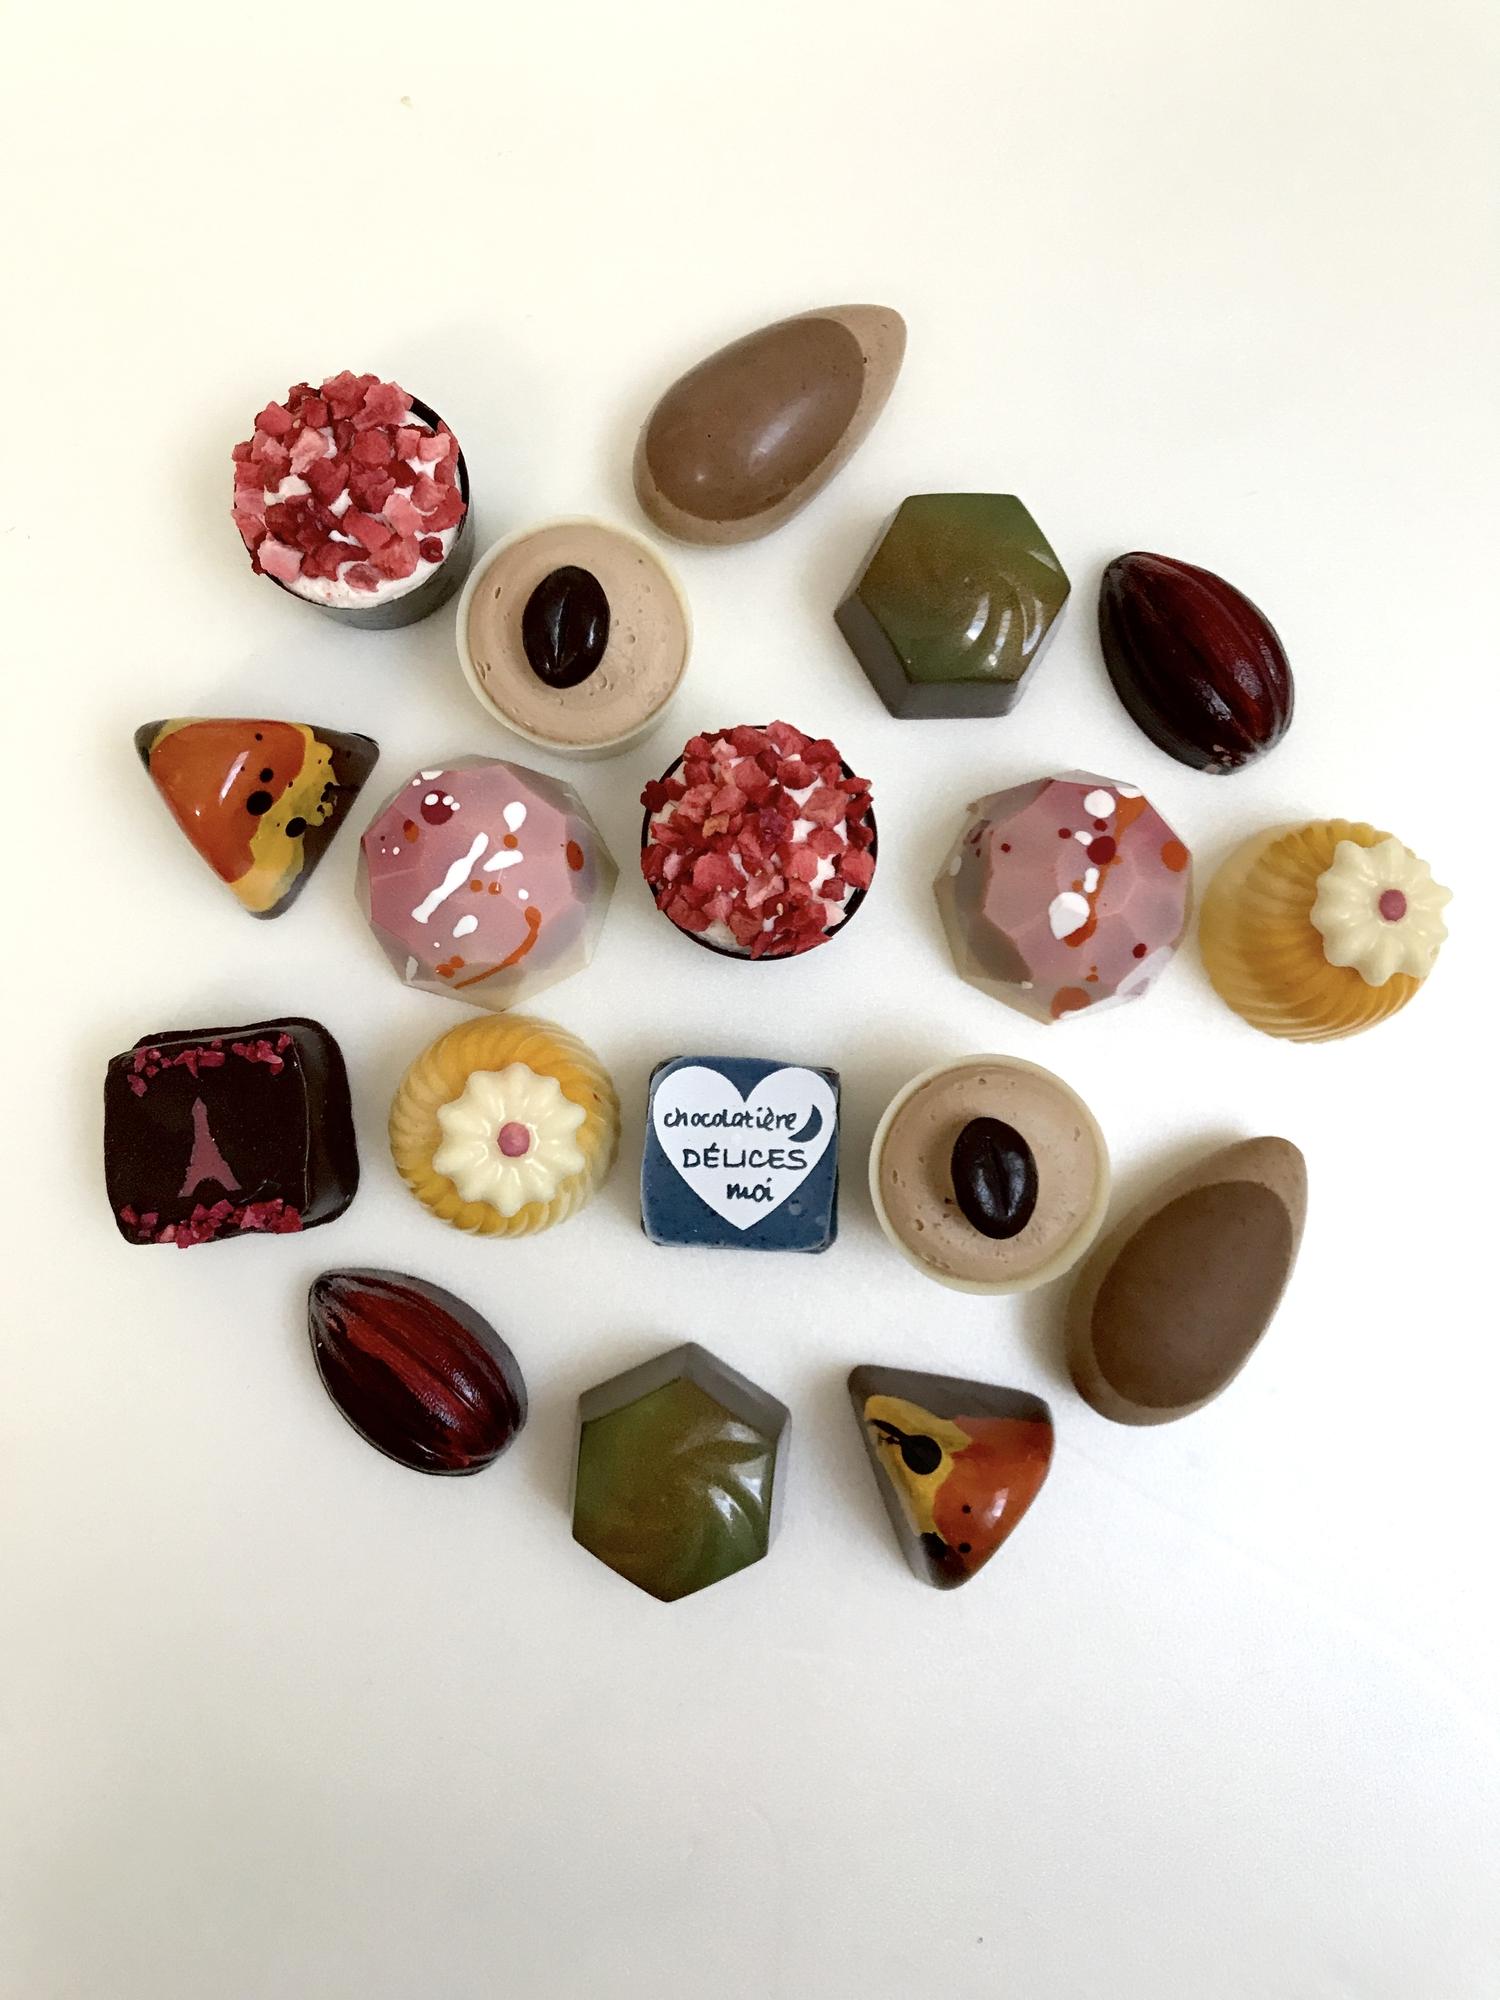 バレンタイン限定の新作ショコラ10種